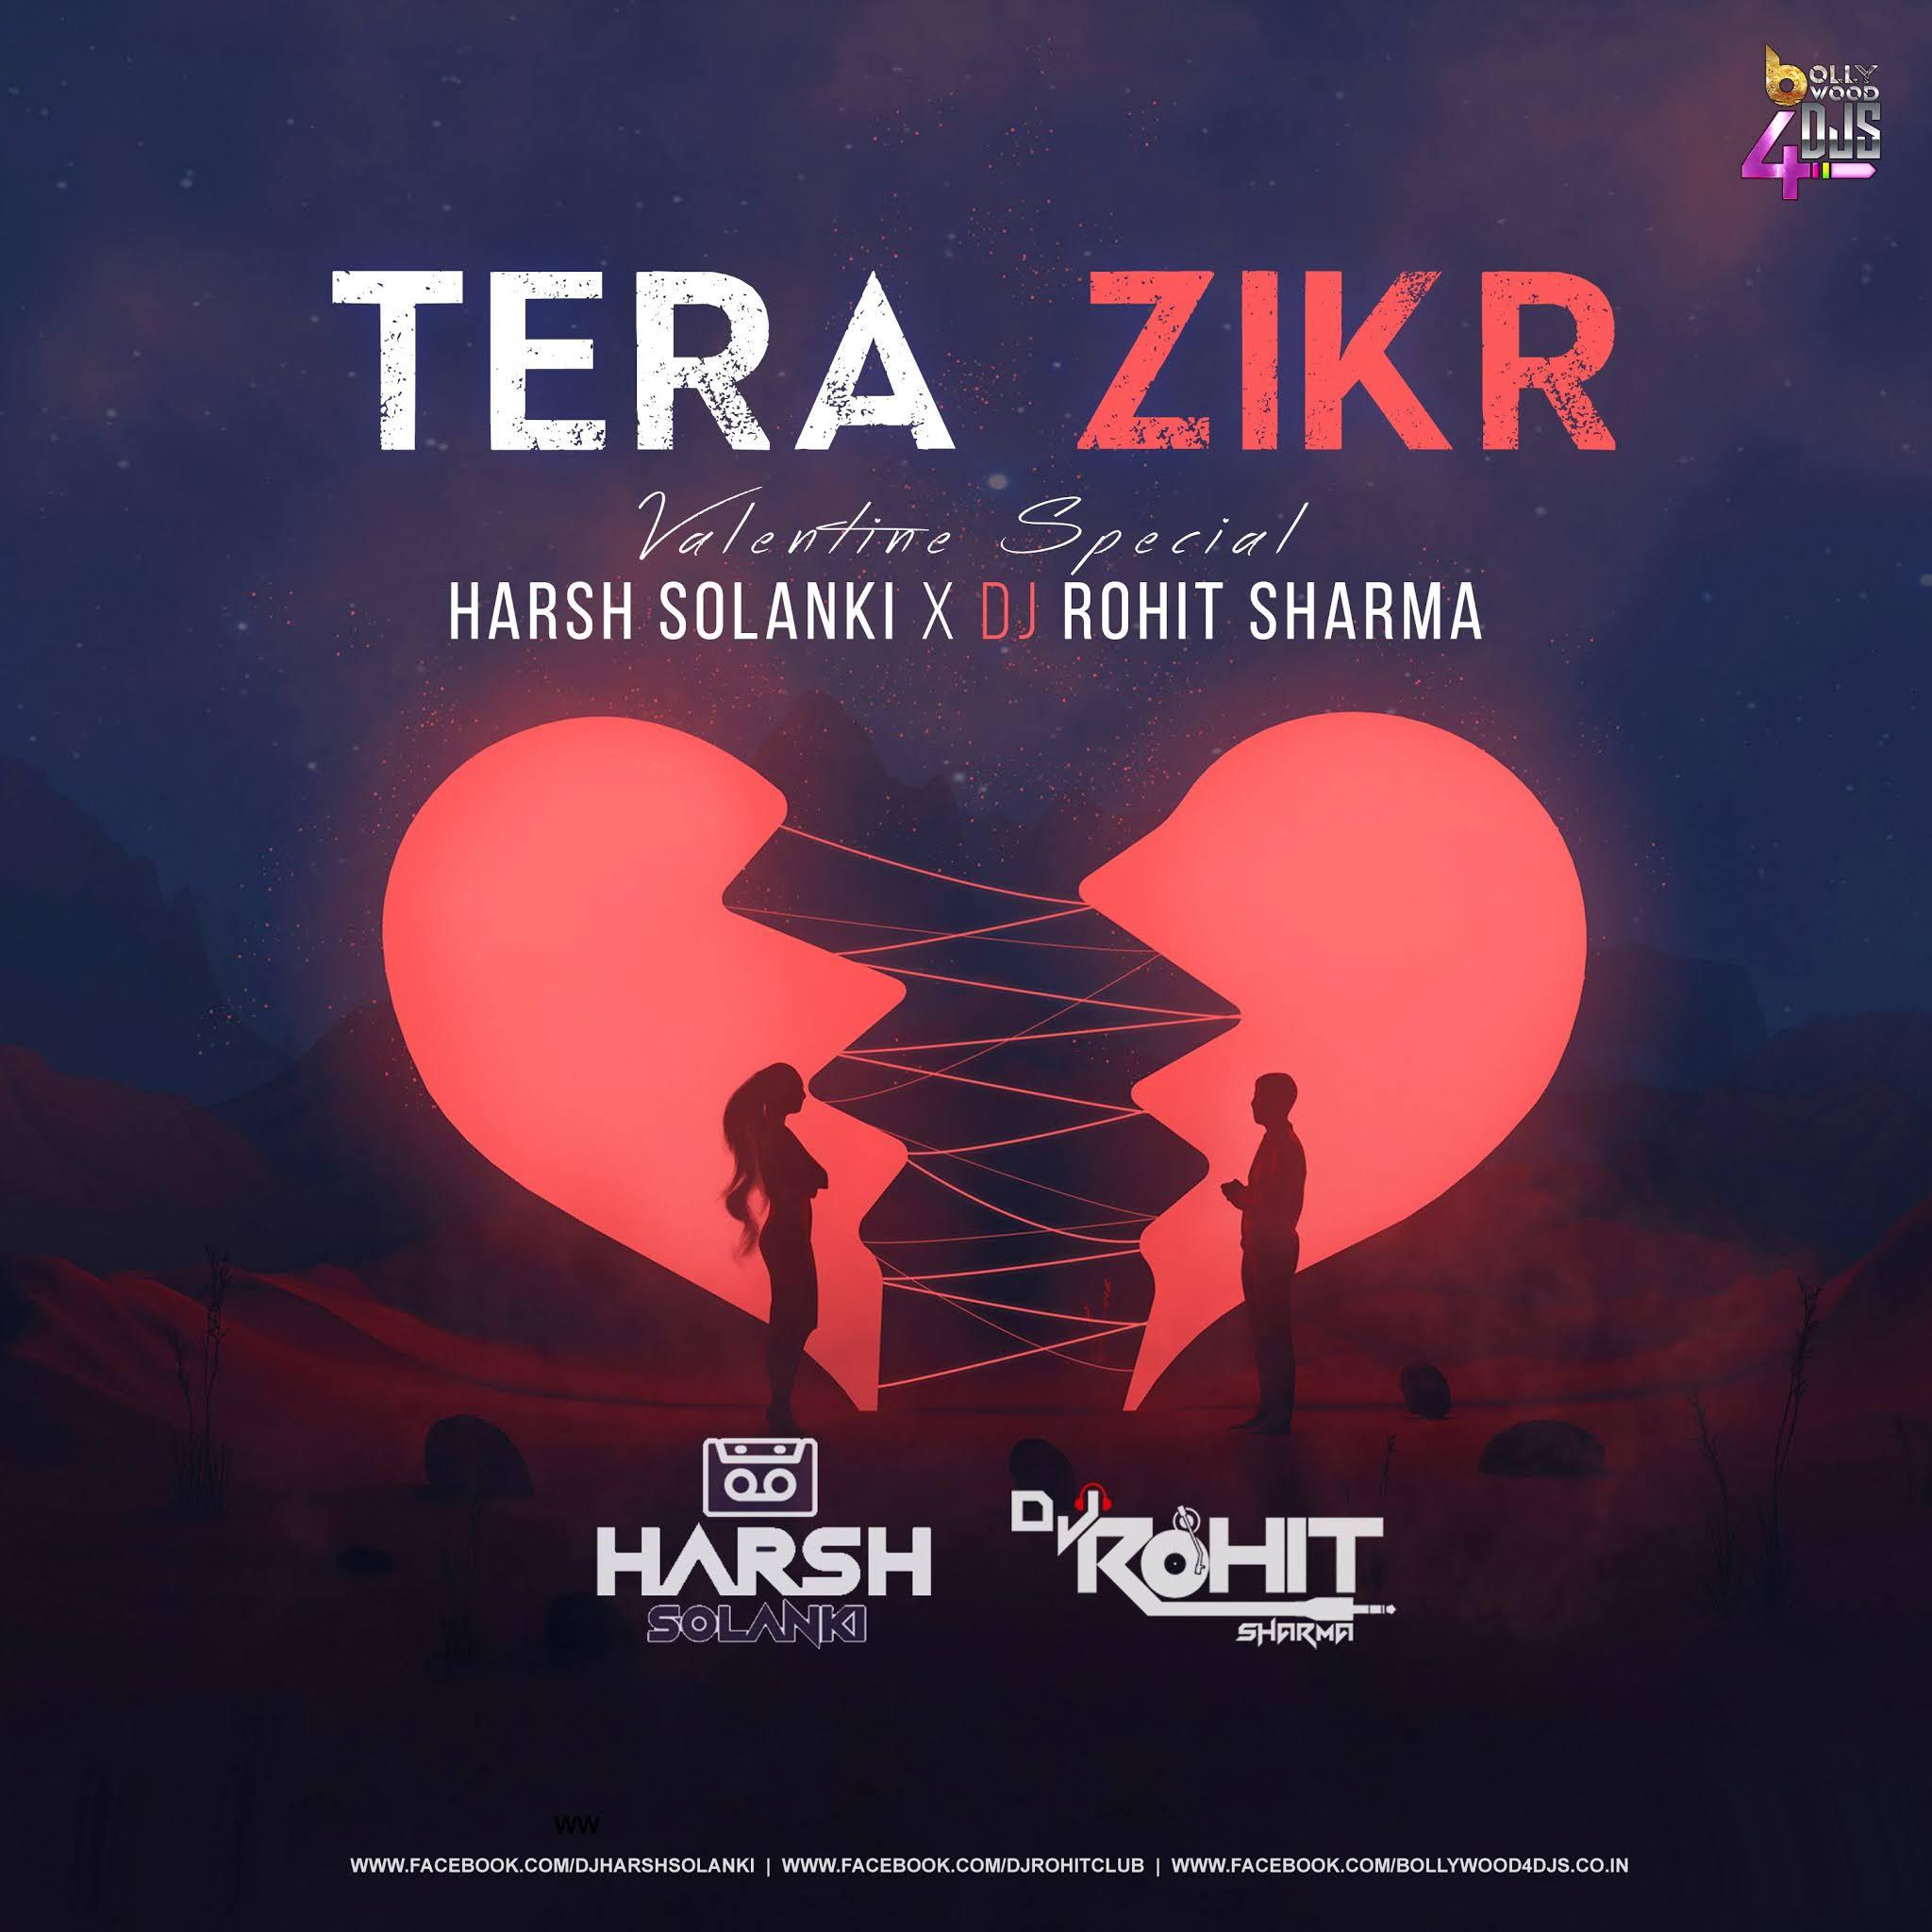 Tera Zikr (Valentine Special) Harsh Solanki X Dj Rohit Sharma